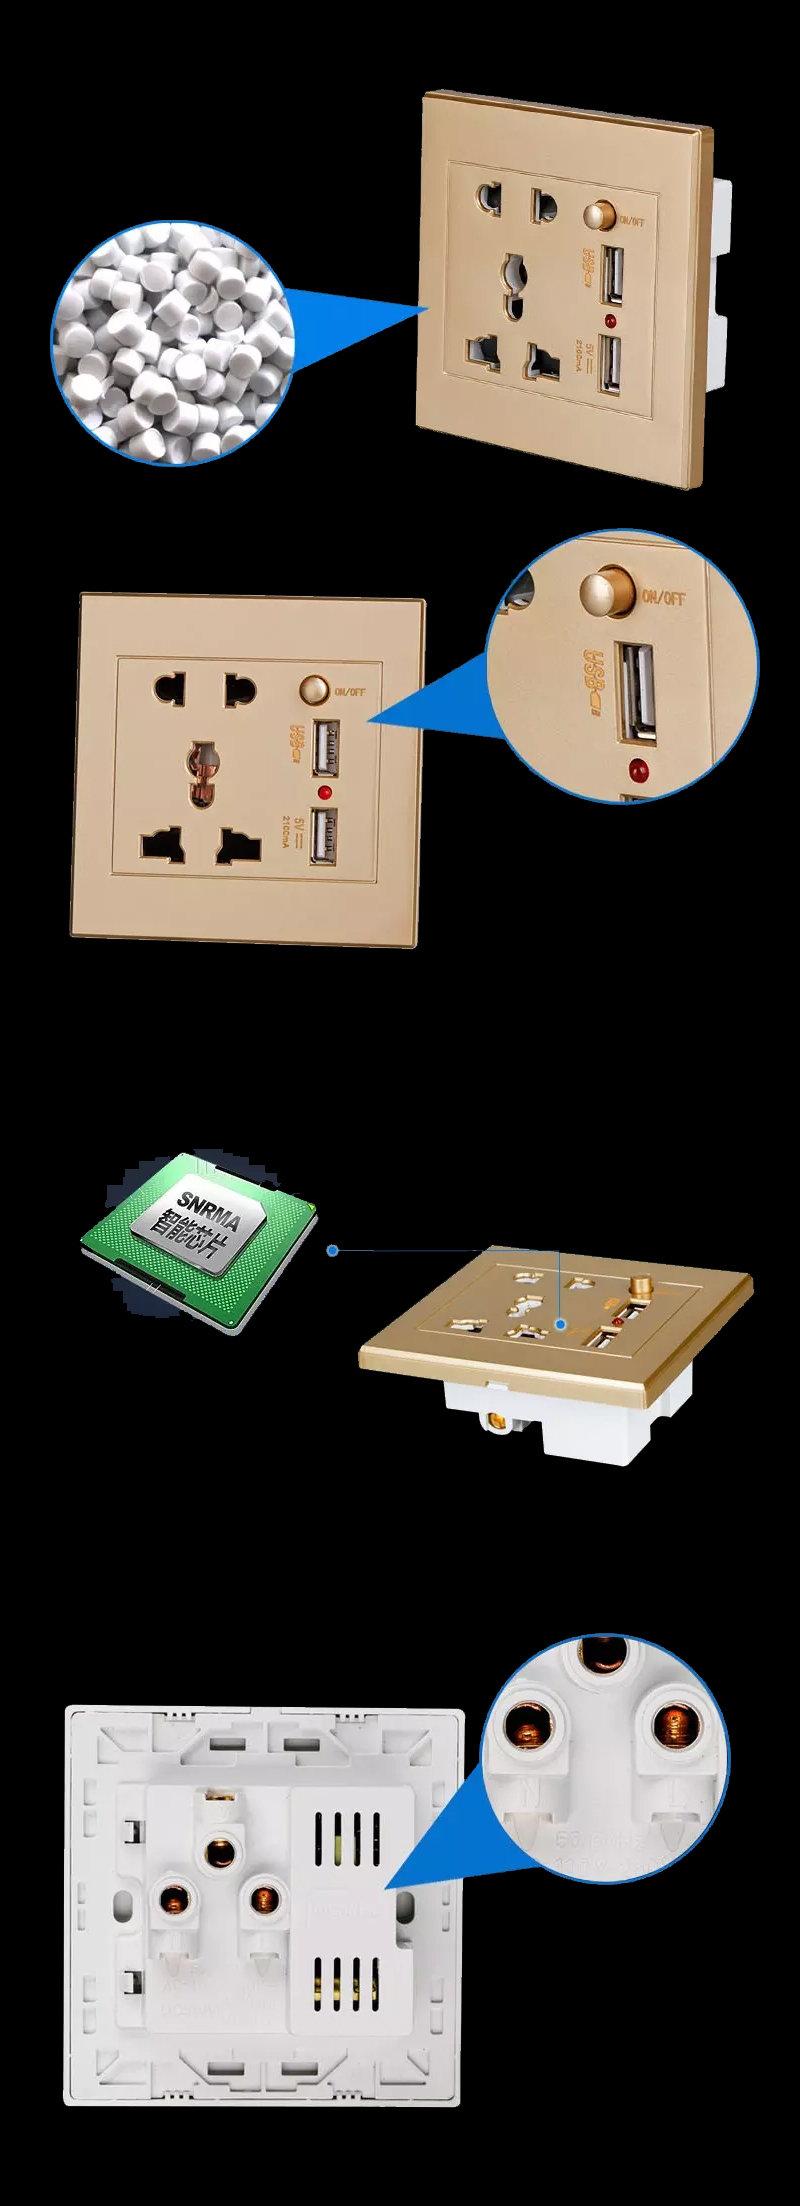 Prise électrique mural avec double port de recharge rapide USB pour les smartphones 18